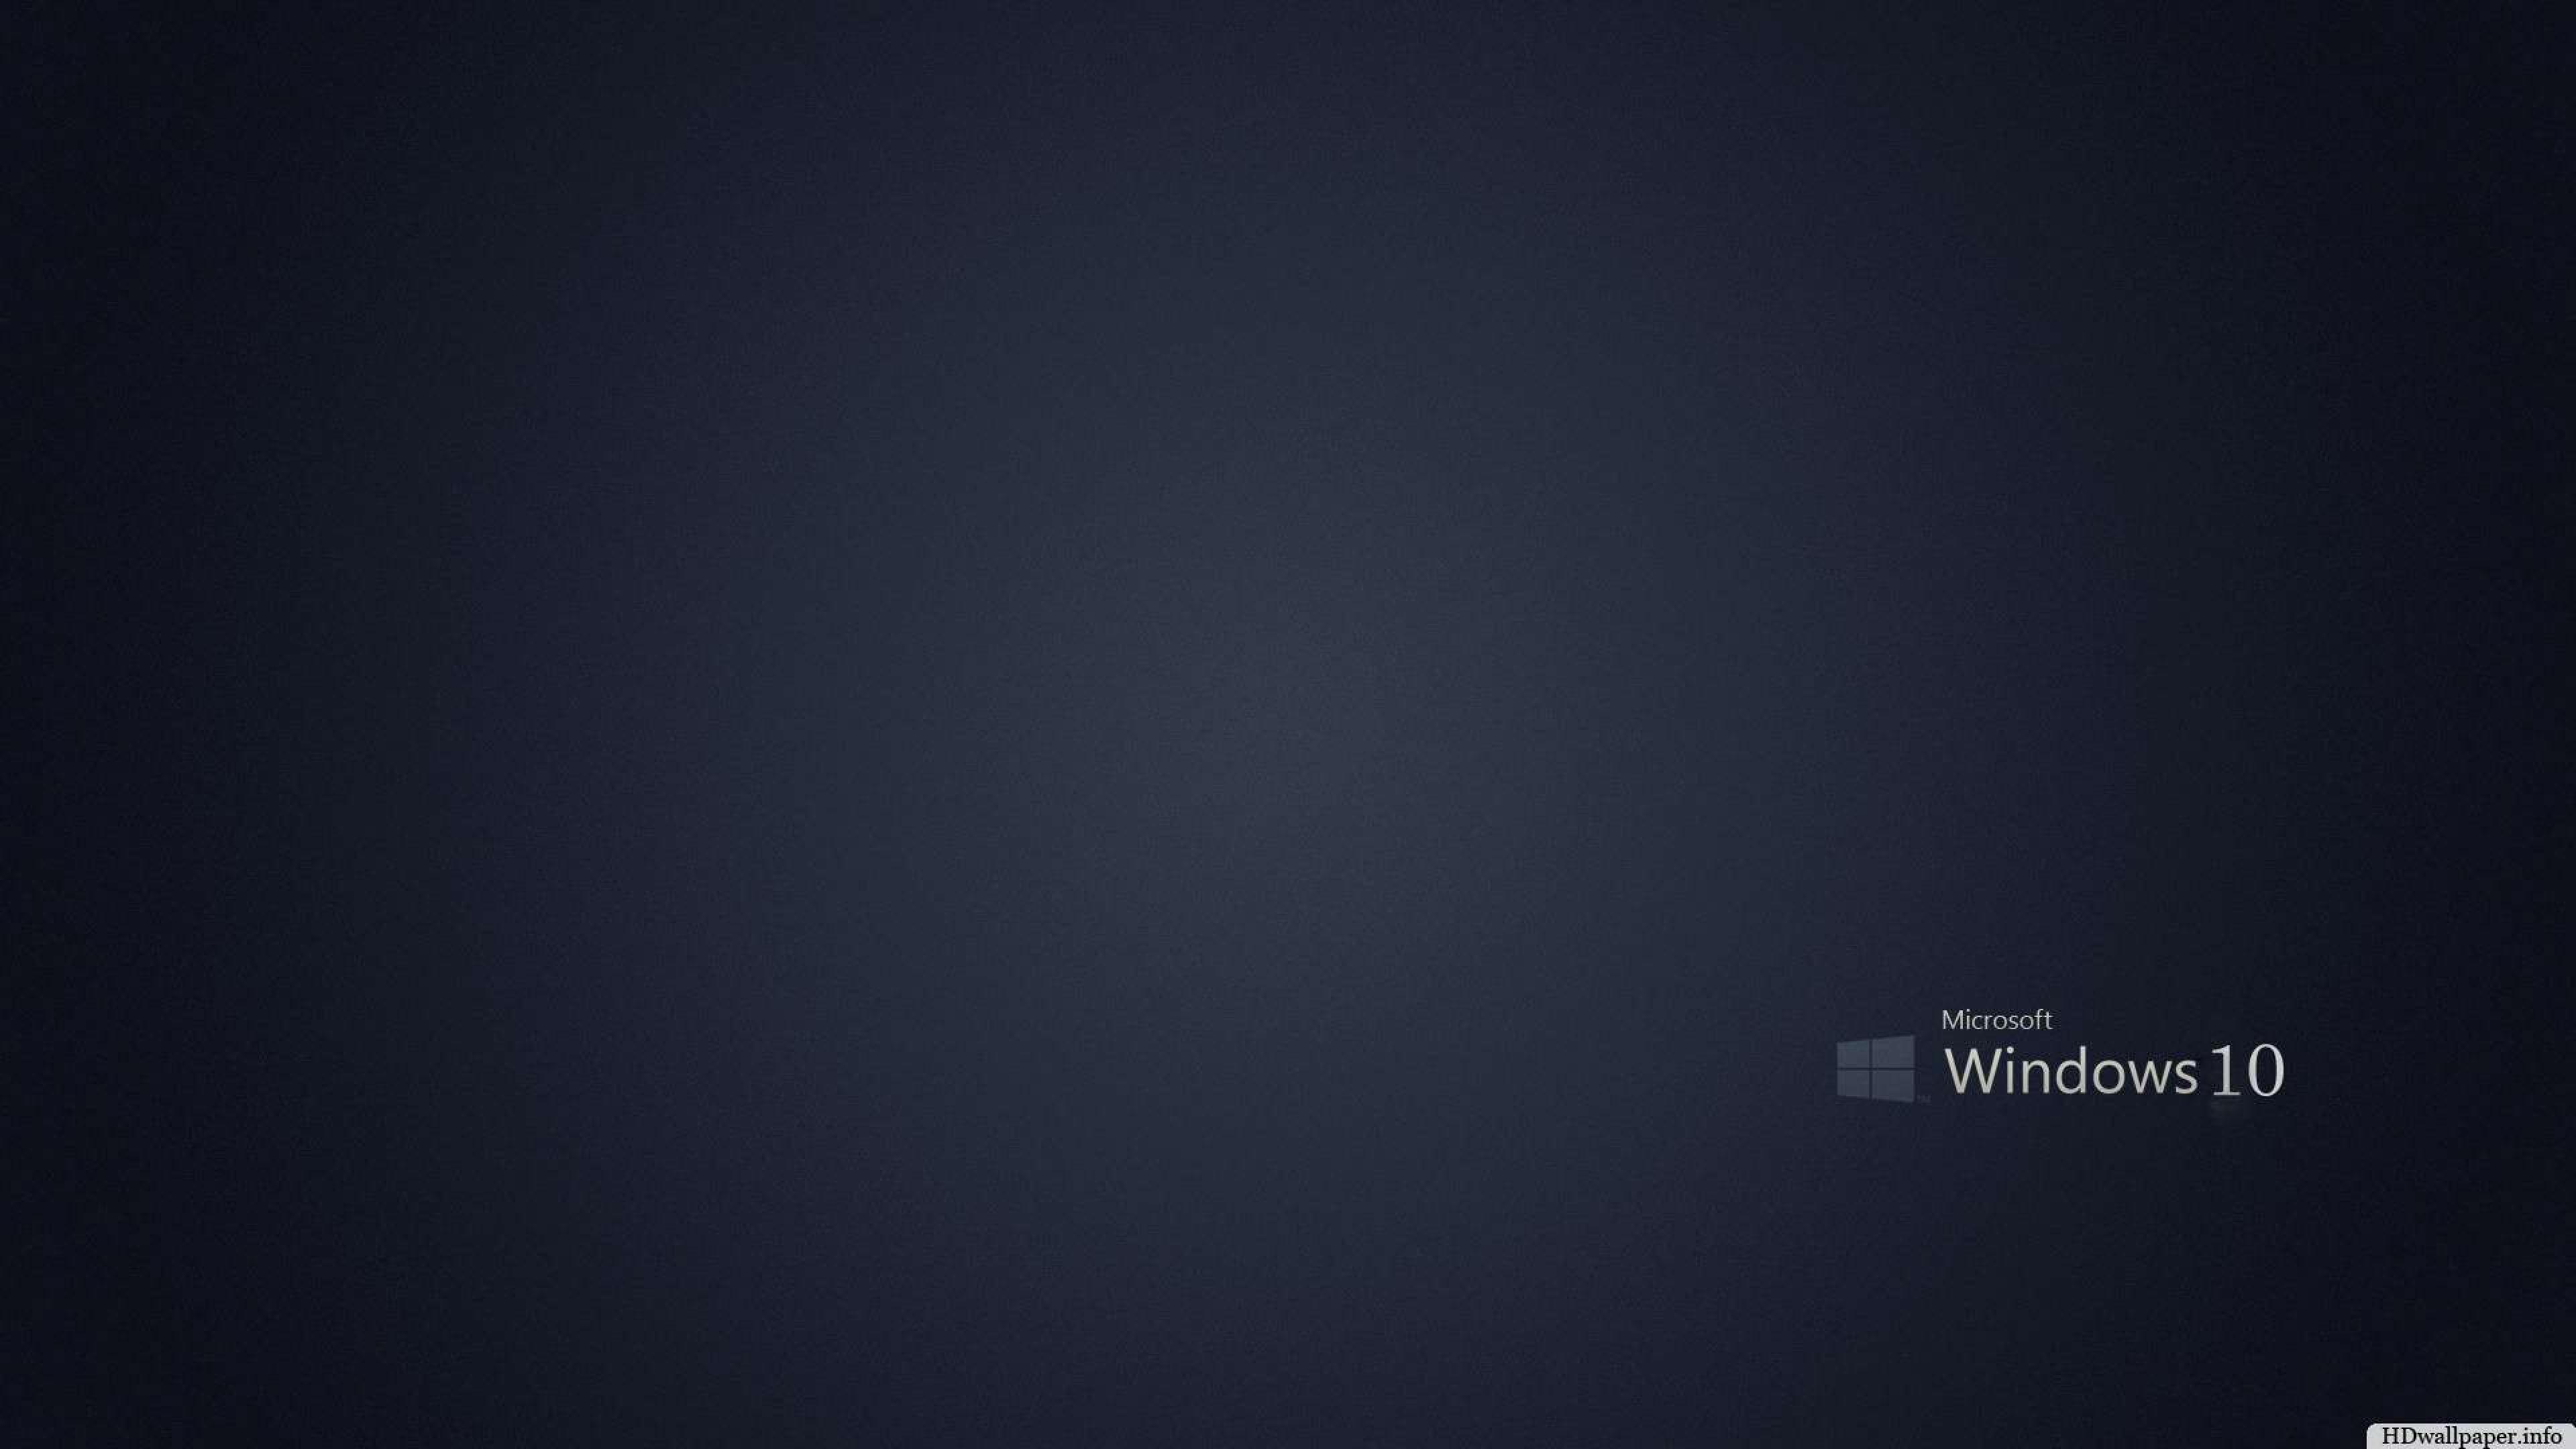 Sfondi hd windows 10 76 immagini - Windows 10 4k wallpaper pack ...